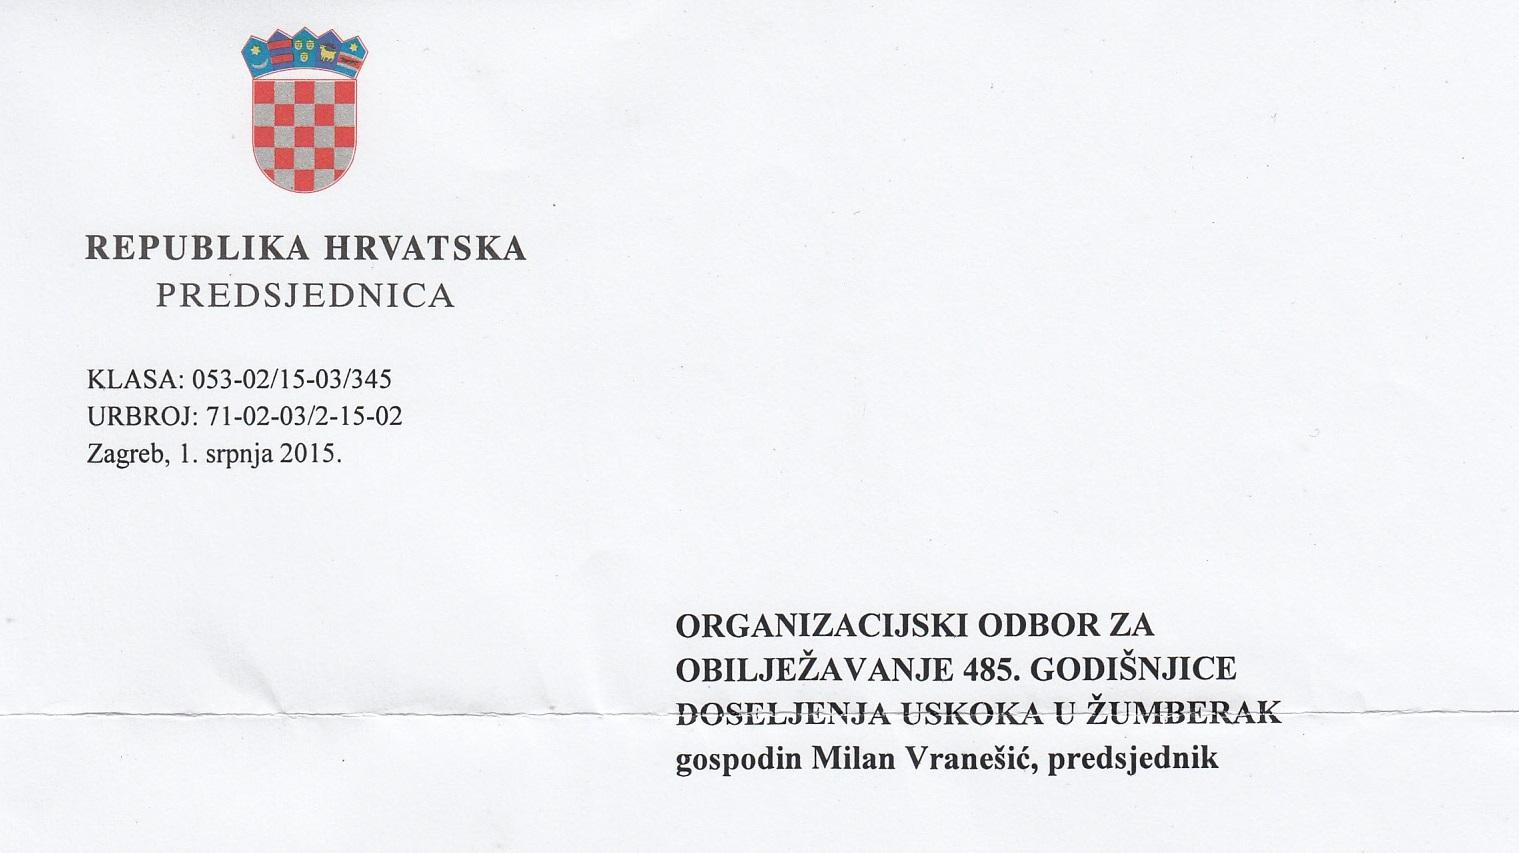 Predsjednica RH uputila pismo Organizacijskom odboru nadolazeće uskočke proslave